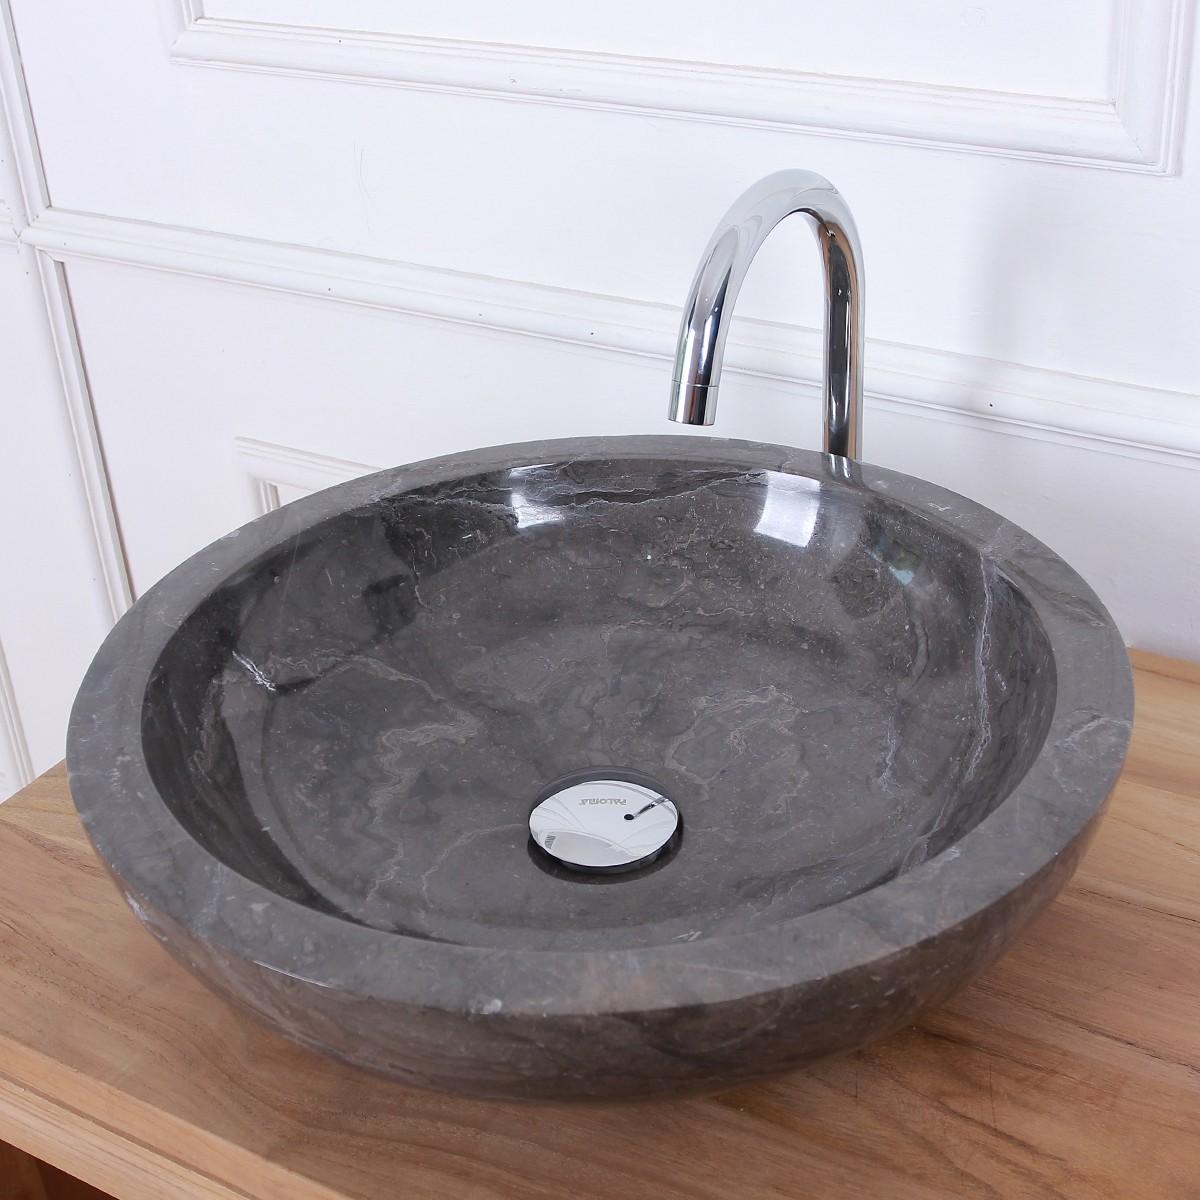 Ensemble salle de bain en bois de teck 160 vasques miroir bois dessus bois dessous - Miroir teck salle de bain ...